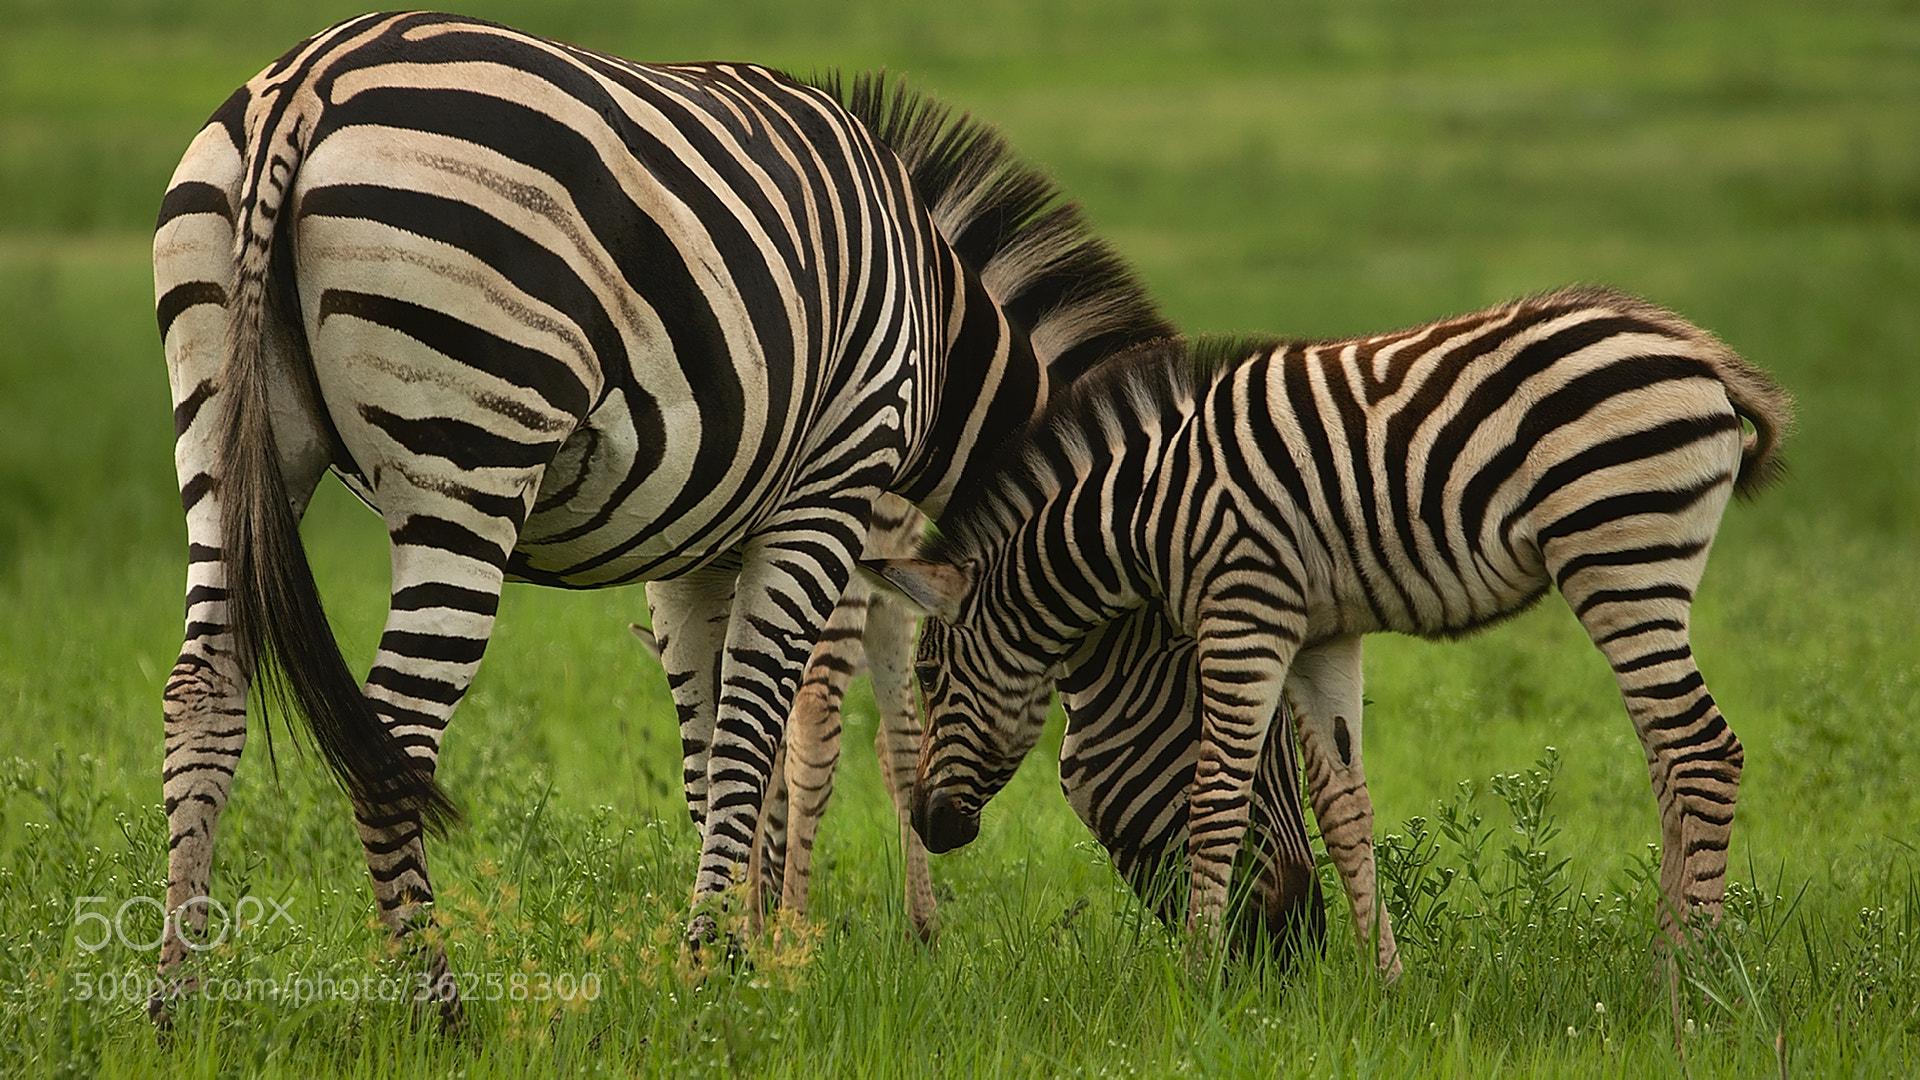 Photograph Zebras by Mareko Marciniak on 500px